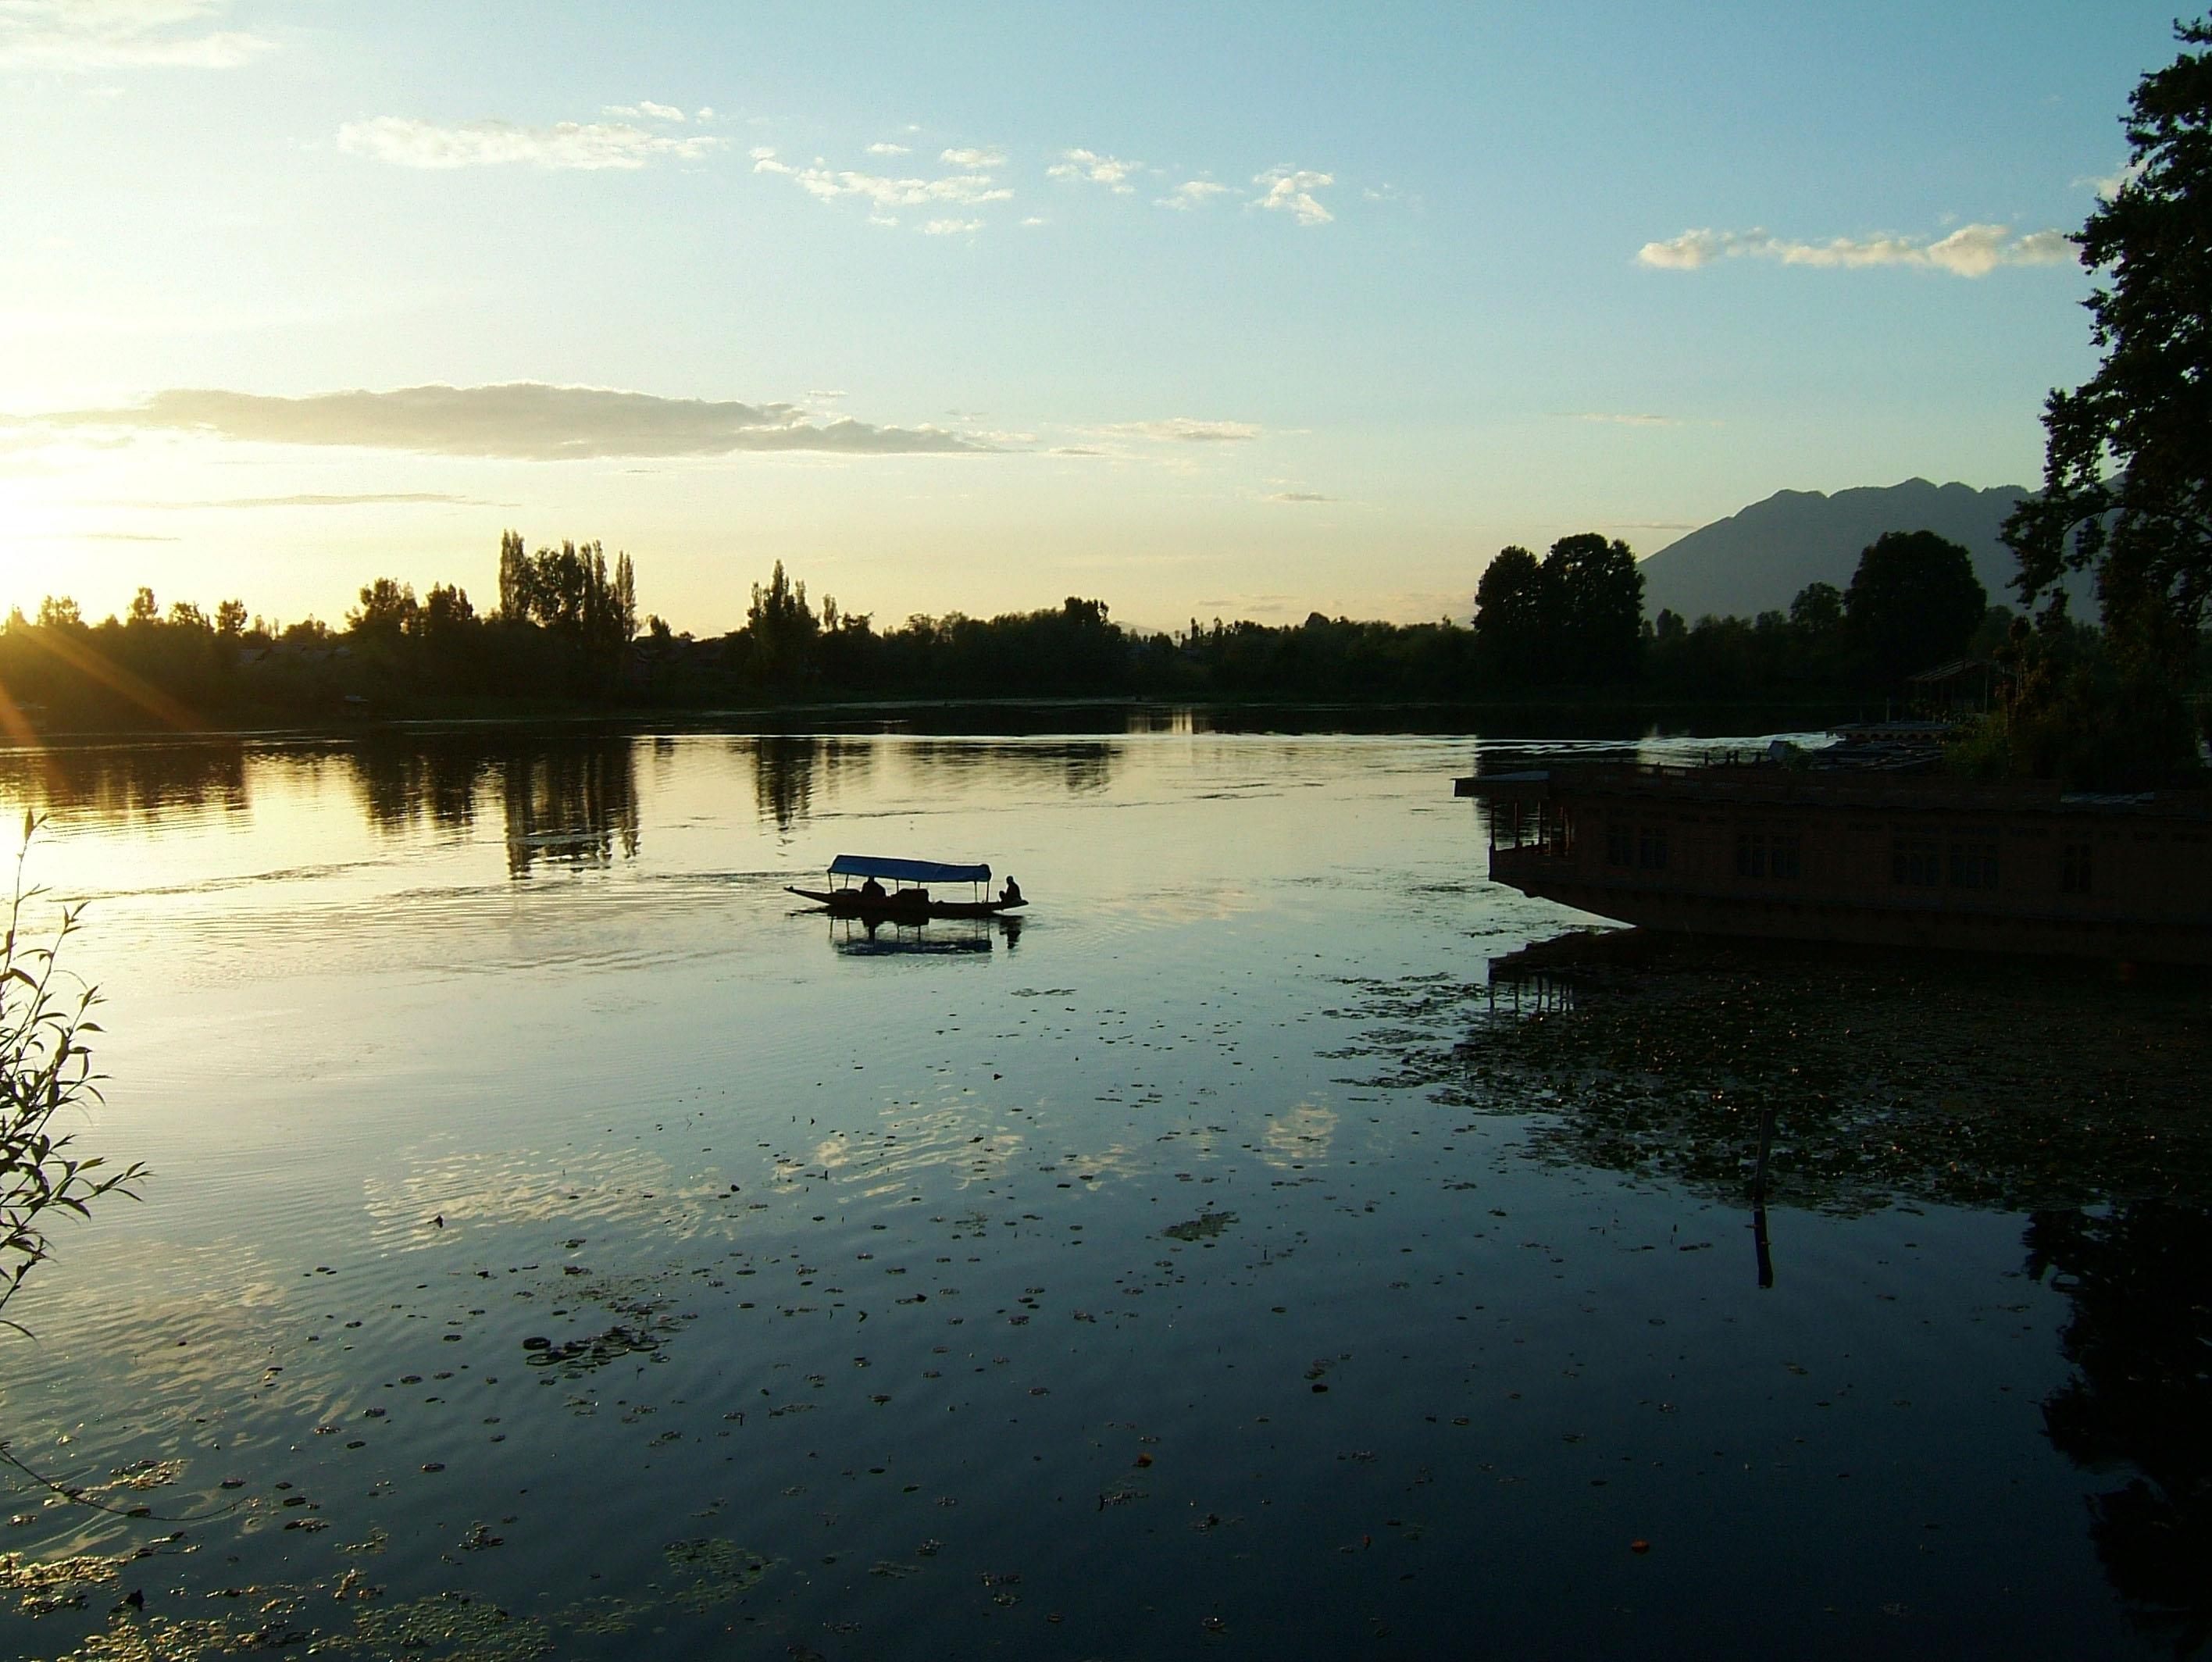 Kashmir Srinagar Shikaras Dal lake India Apr 2004 12